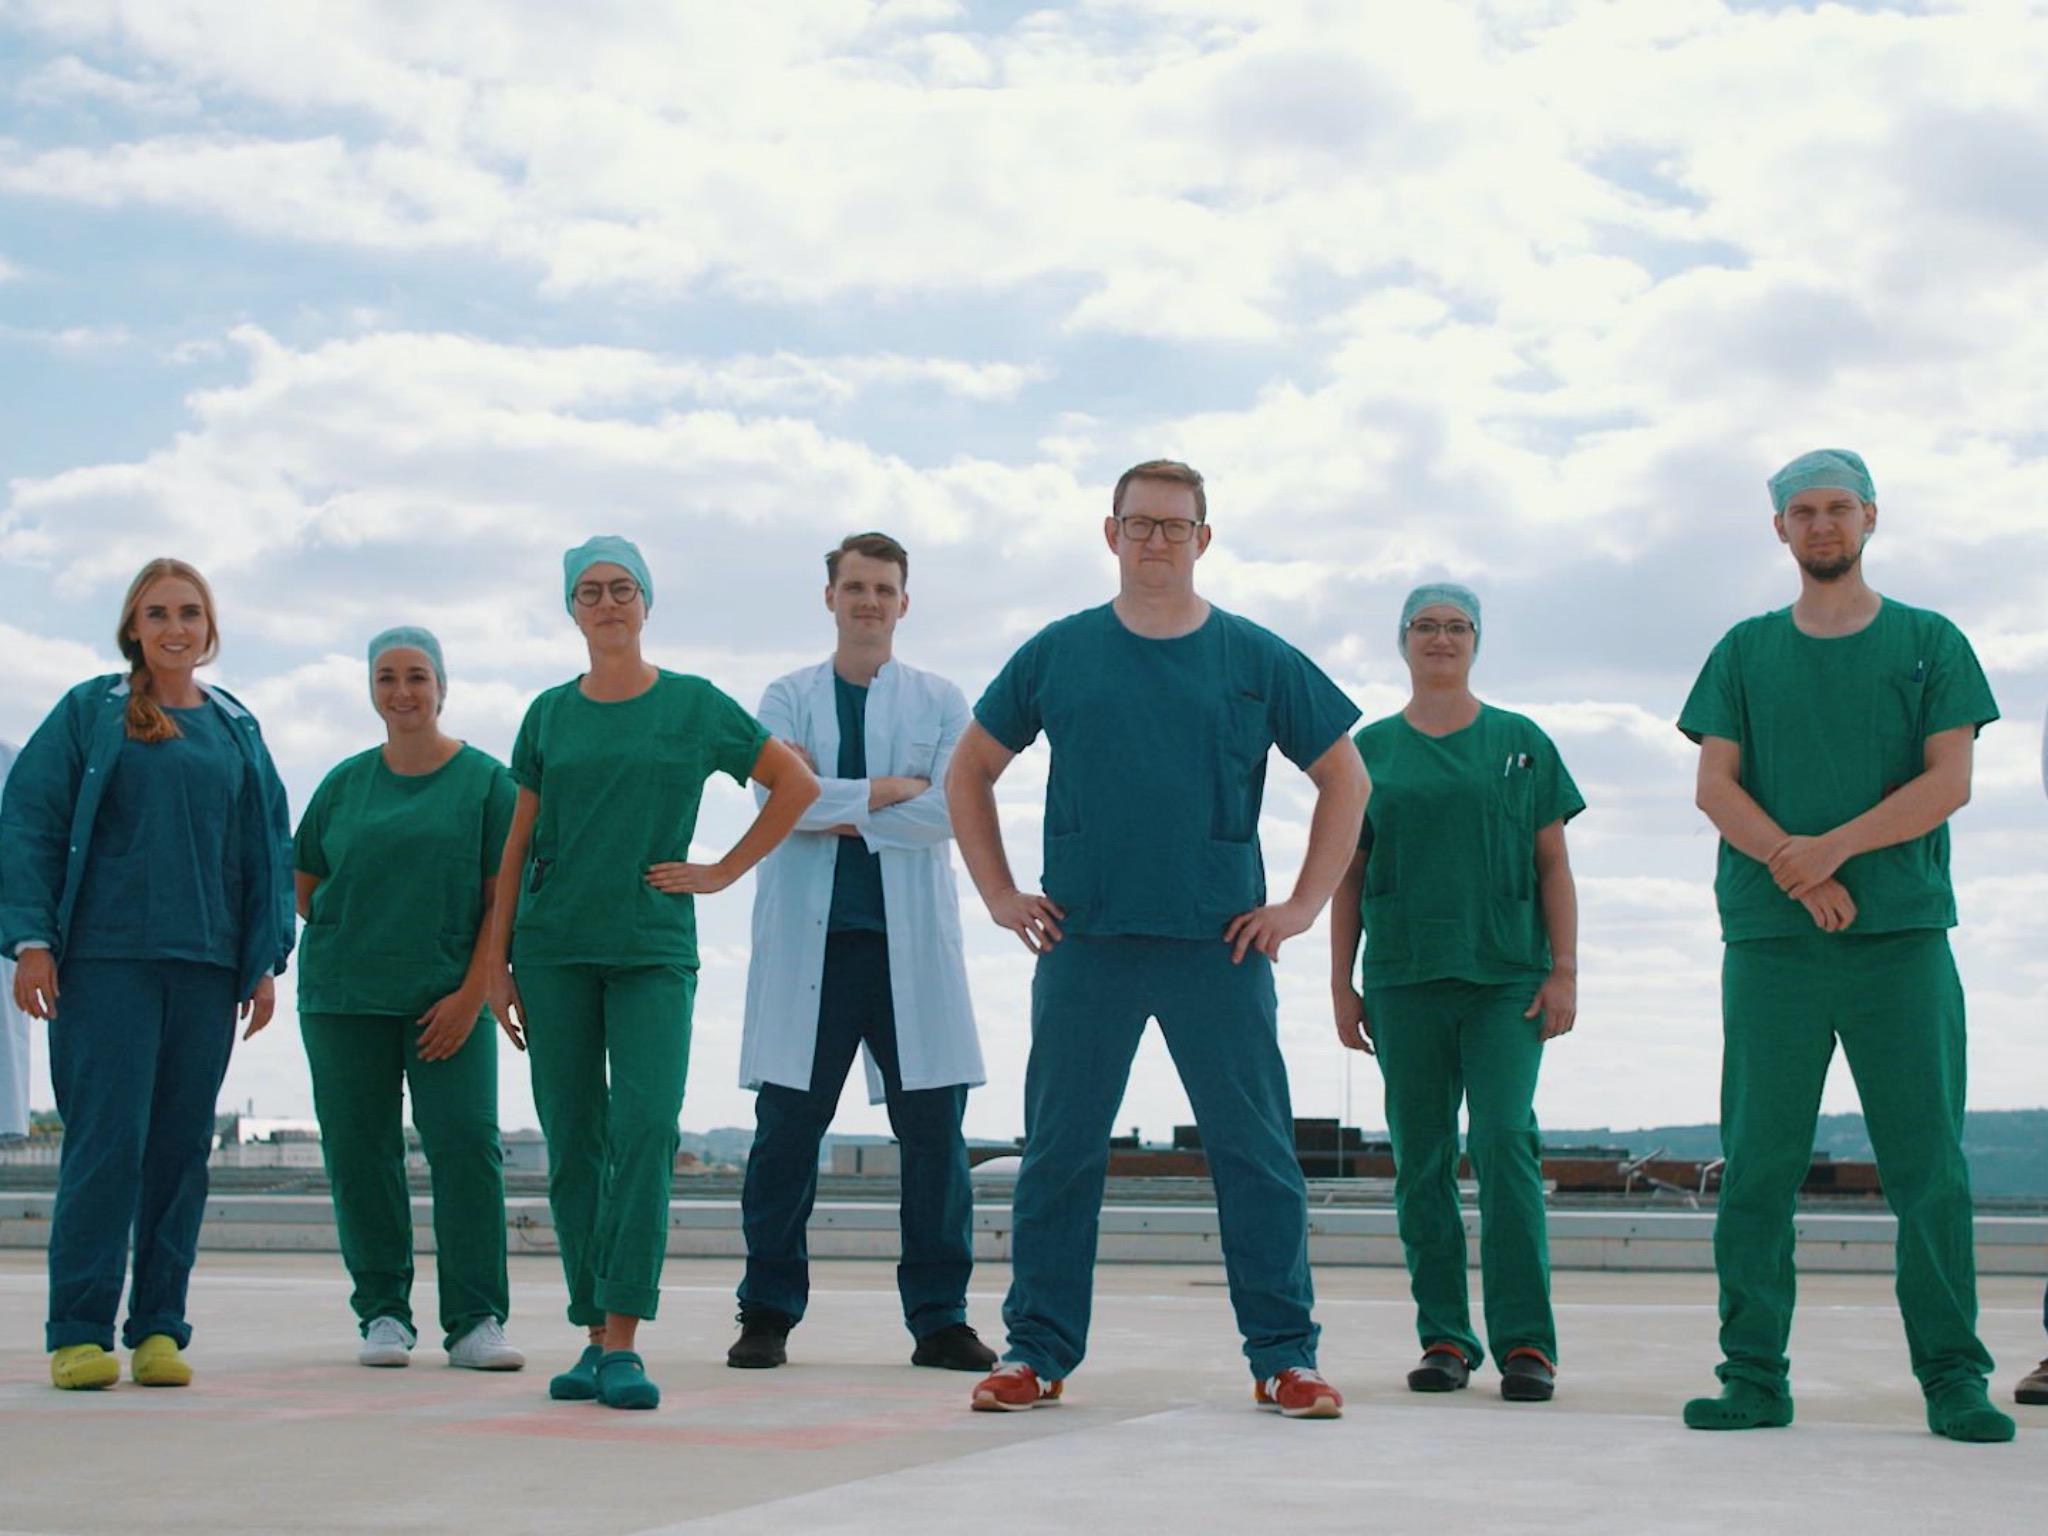 Bild Arbeiten in der Intensiv- oder Anästhesiepflege ist immer berufsgruppenübergreifende Teamarbeit. Foto: Videoscreenshot